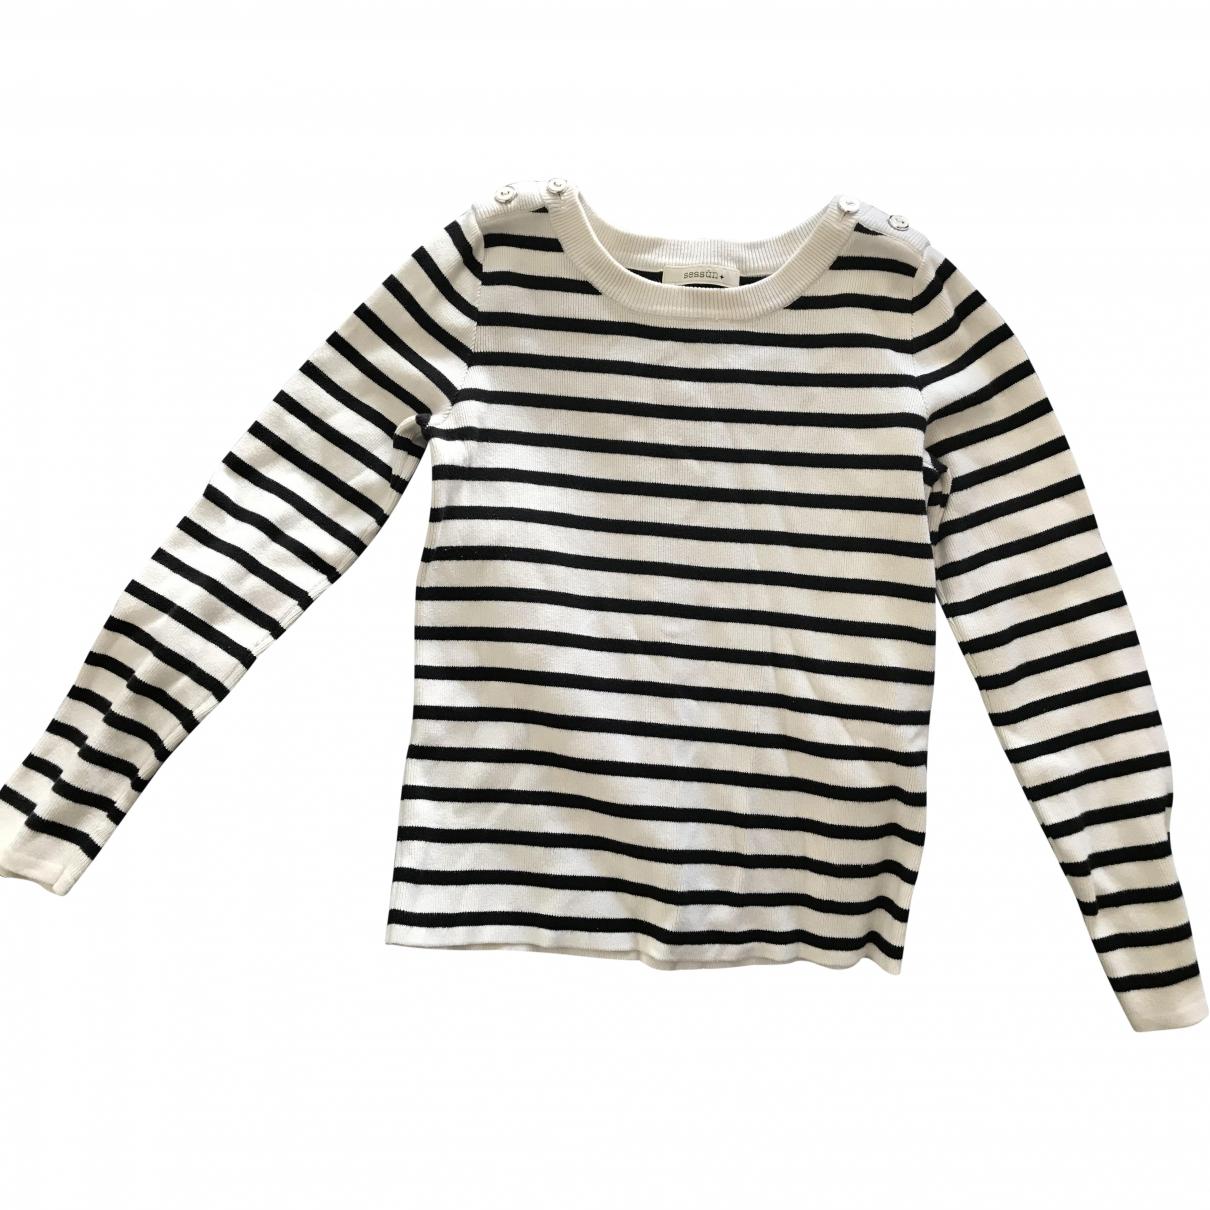 Sessun \N Cotton Knitwear for Women S International